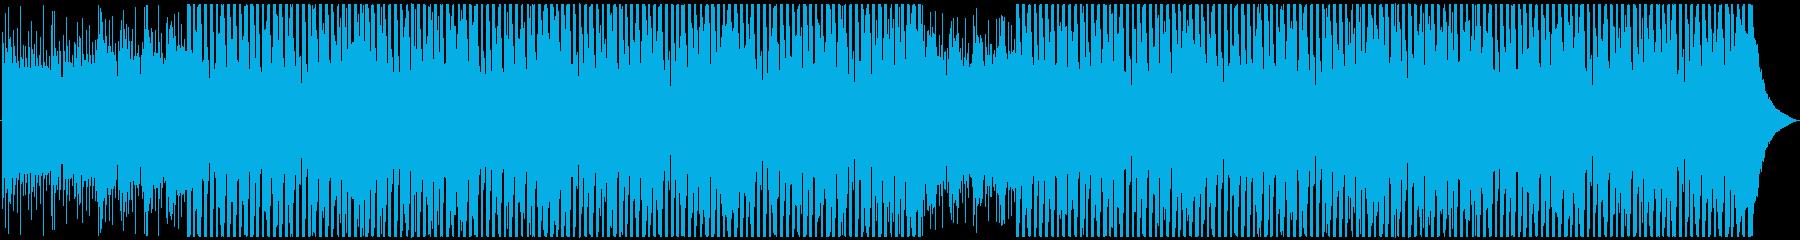 爽快・軽快 綺麗なイメージのピアノポップの再生済みの波形